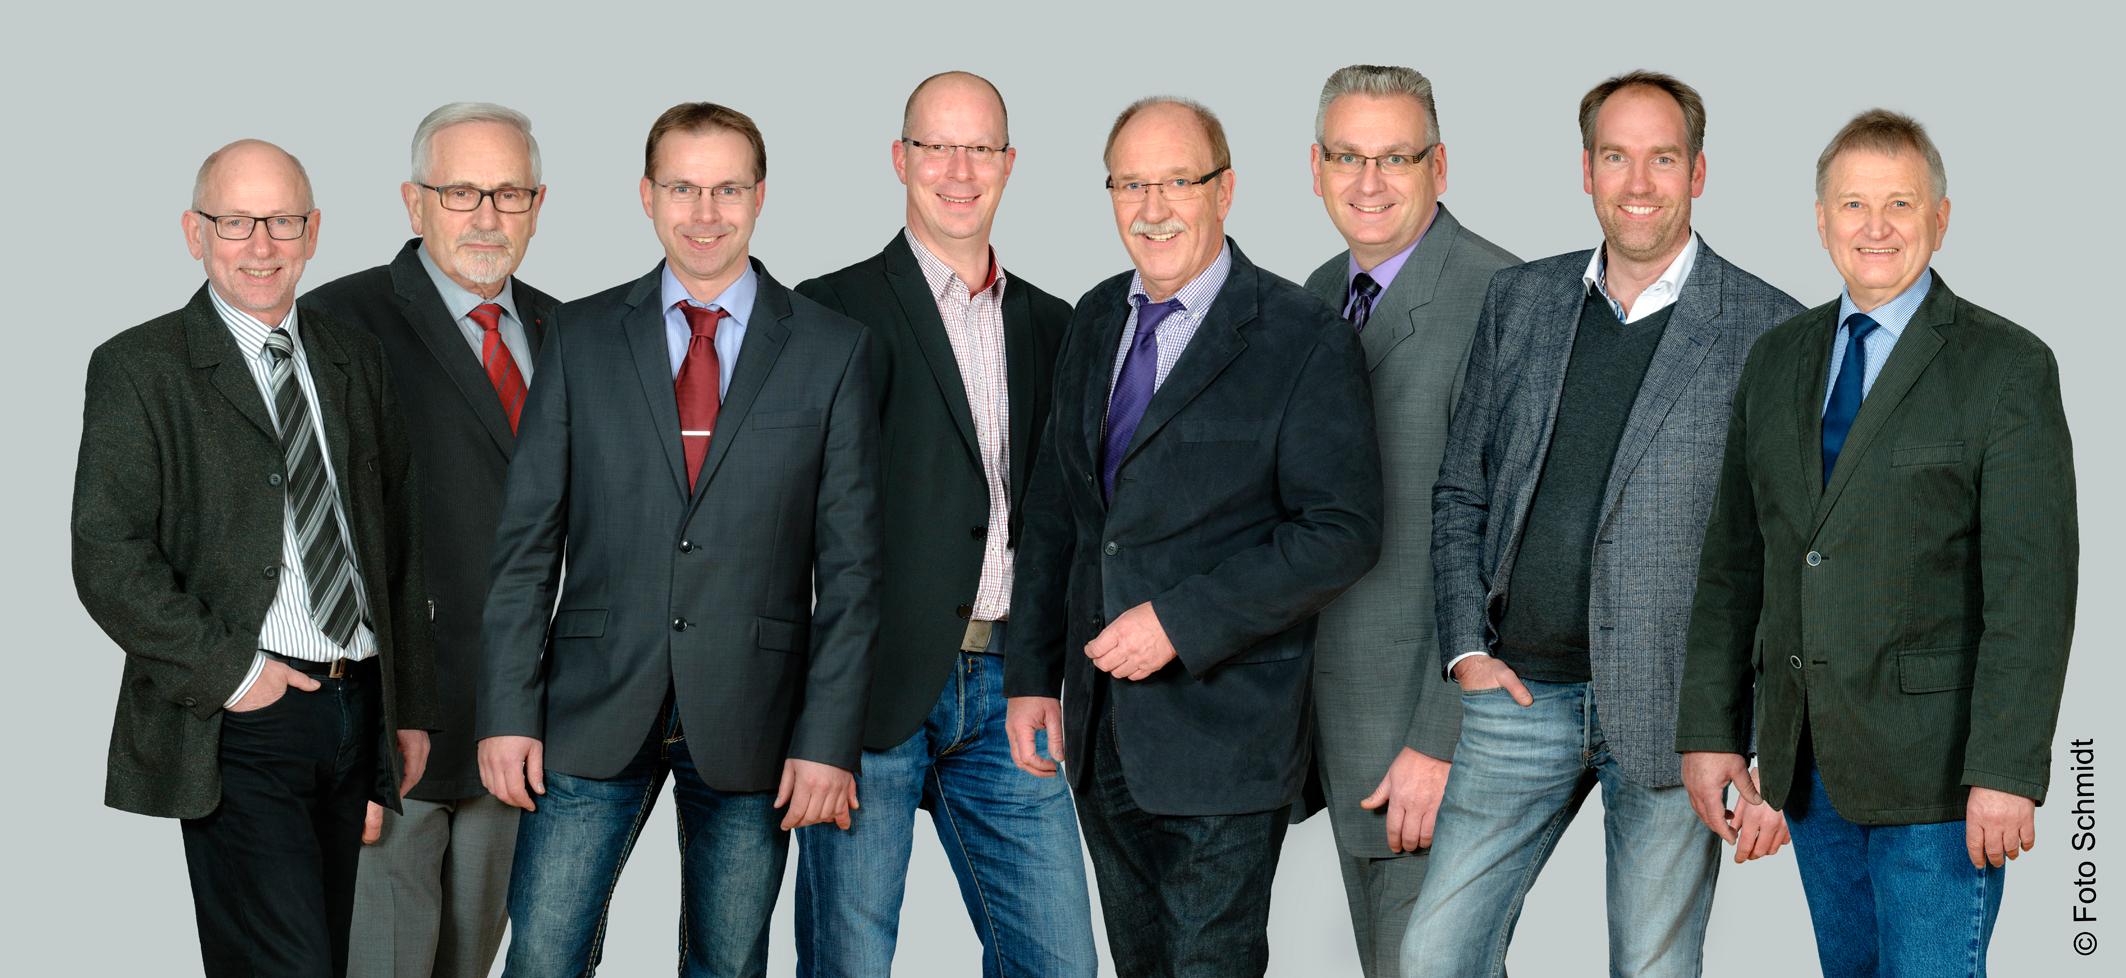 Vorstand der Kraftfahrzeug-Innung Oldenburg: v.l.n.r.: Ralf Bartzsch, Max Scholz, Ralf Rüdebusch, Daniel Wolf, Dieter Meyer, Drk Wellmann, Arnim Penning, Jan Harms